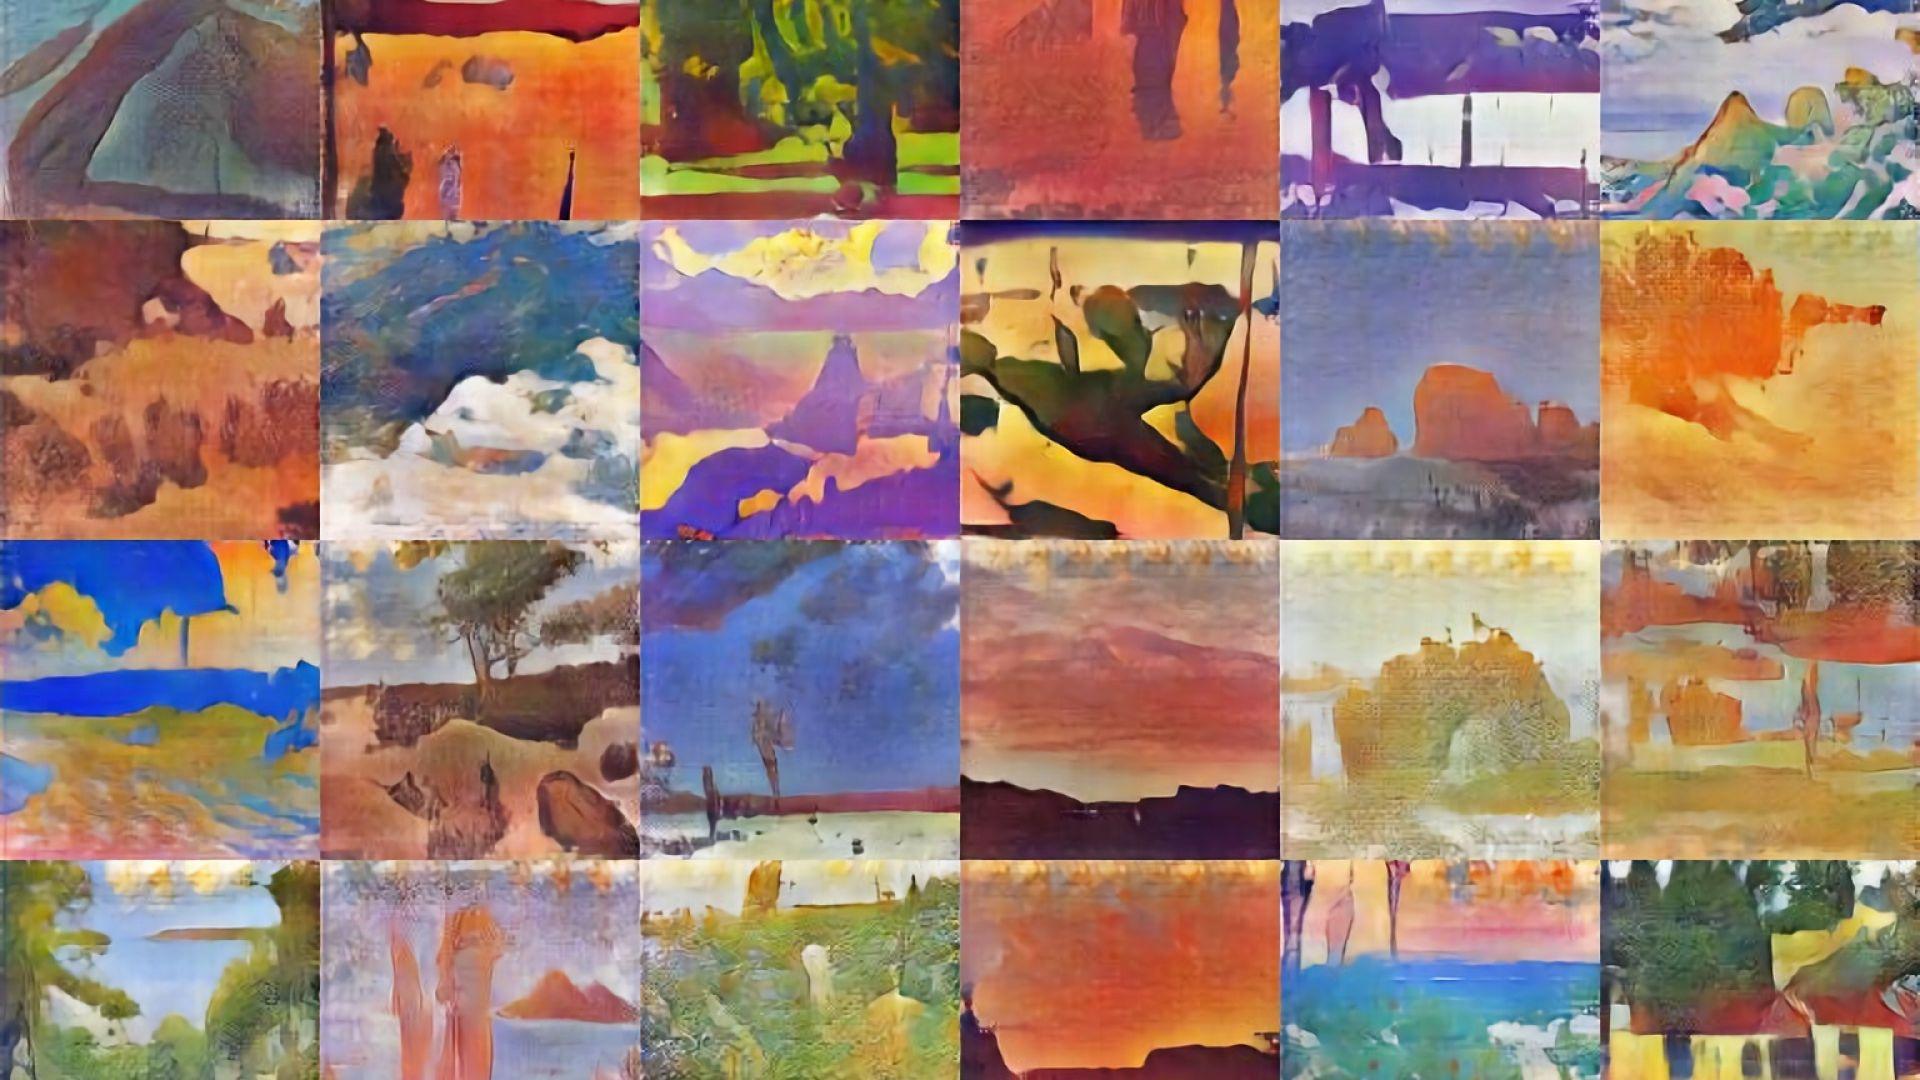 Част от живописните пейзажи, нарисувани от изкуствения интелект